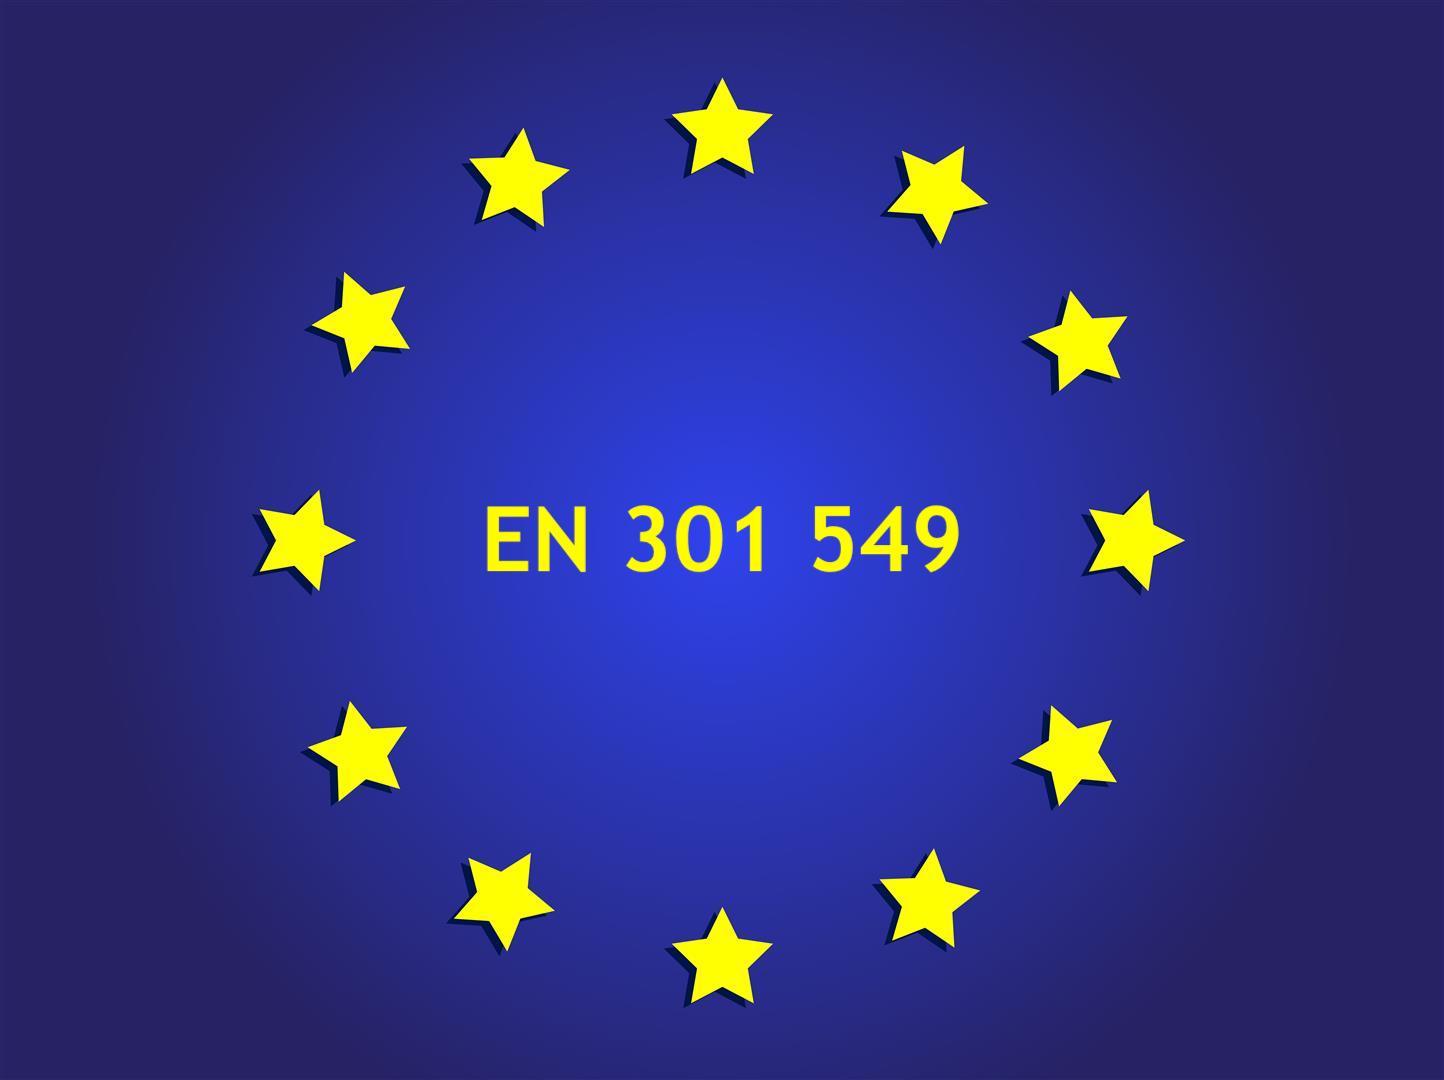 EN 301 549 Europäische Konformitätsanforderungen